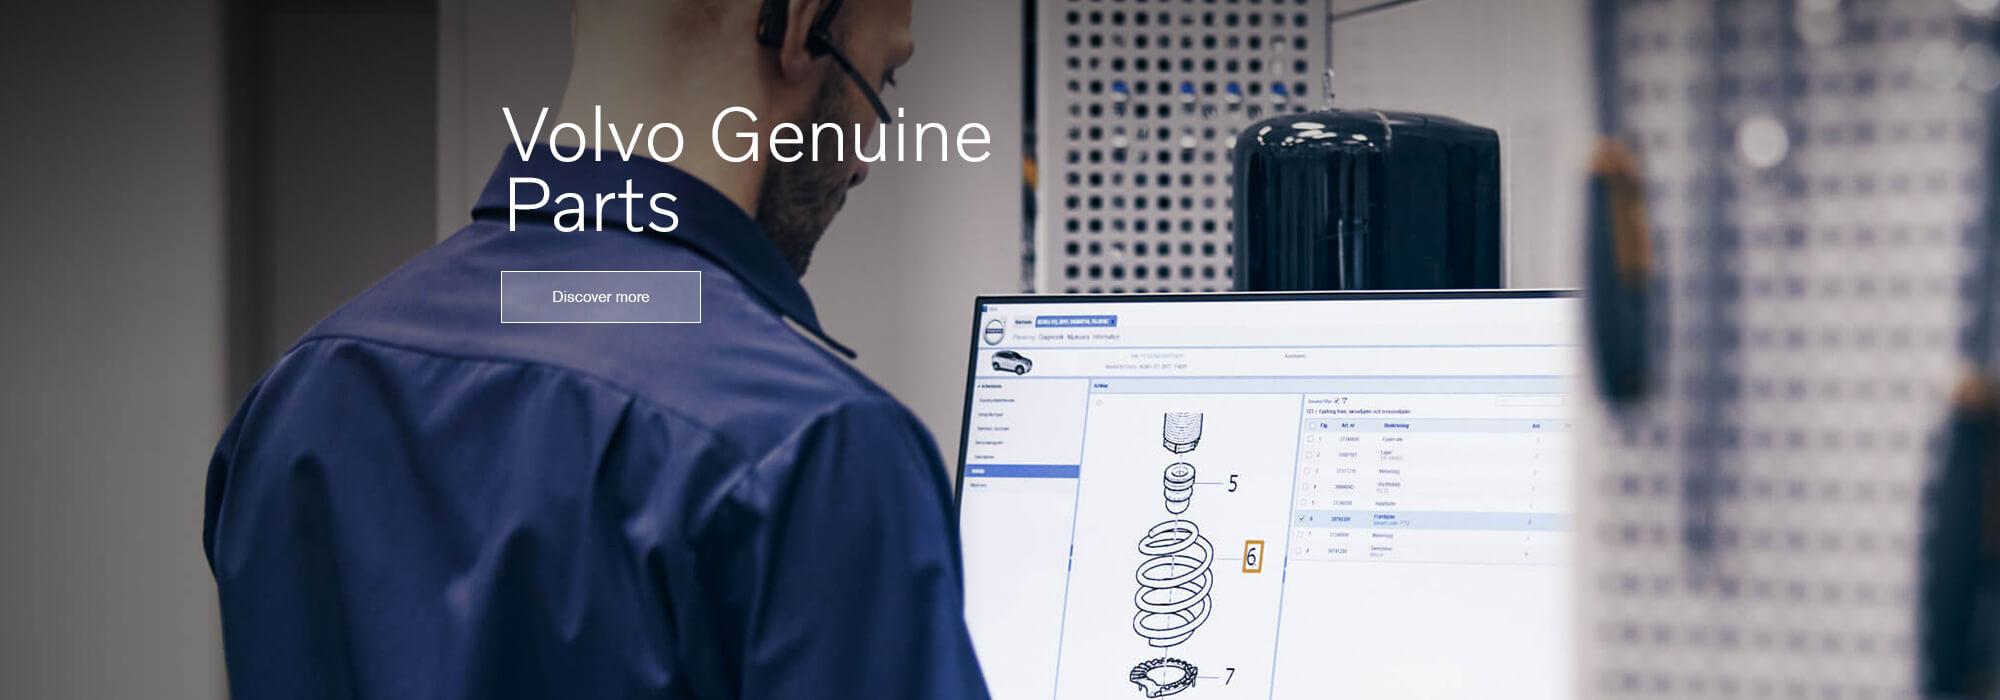 Volvo Genuine Parts